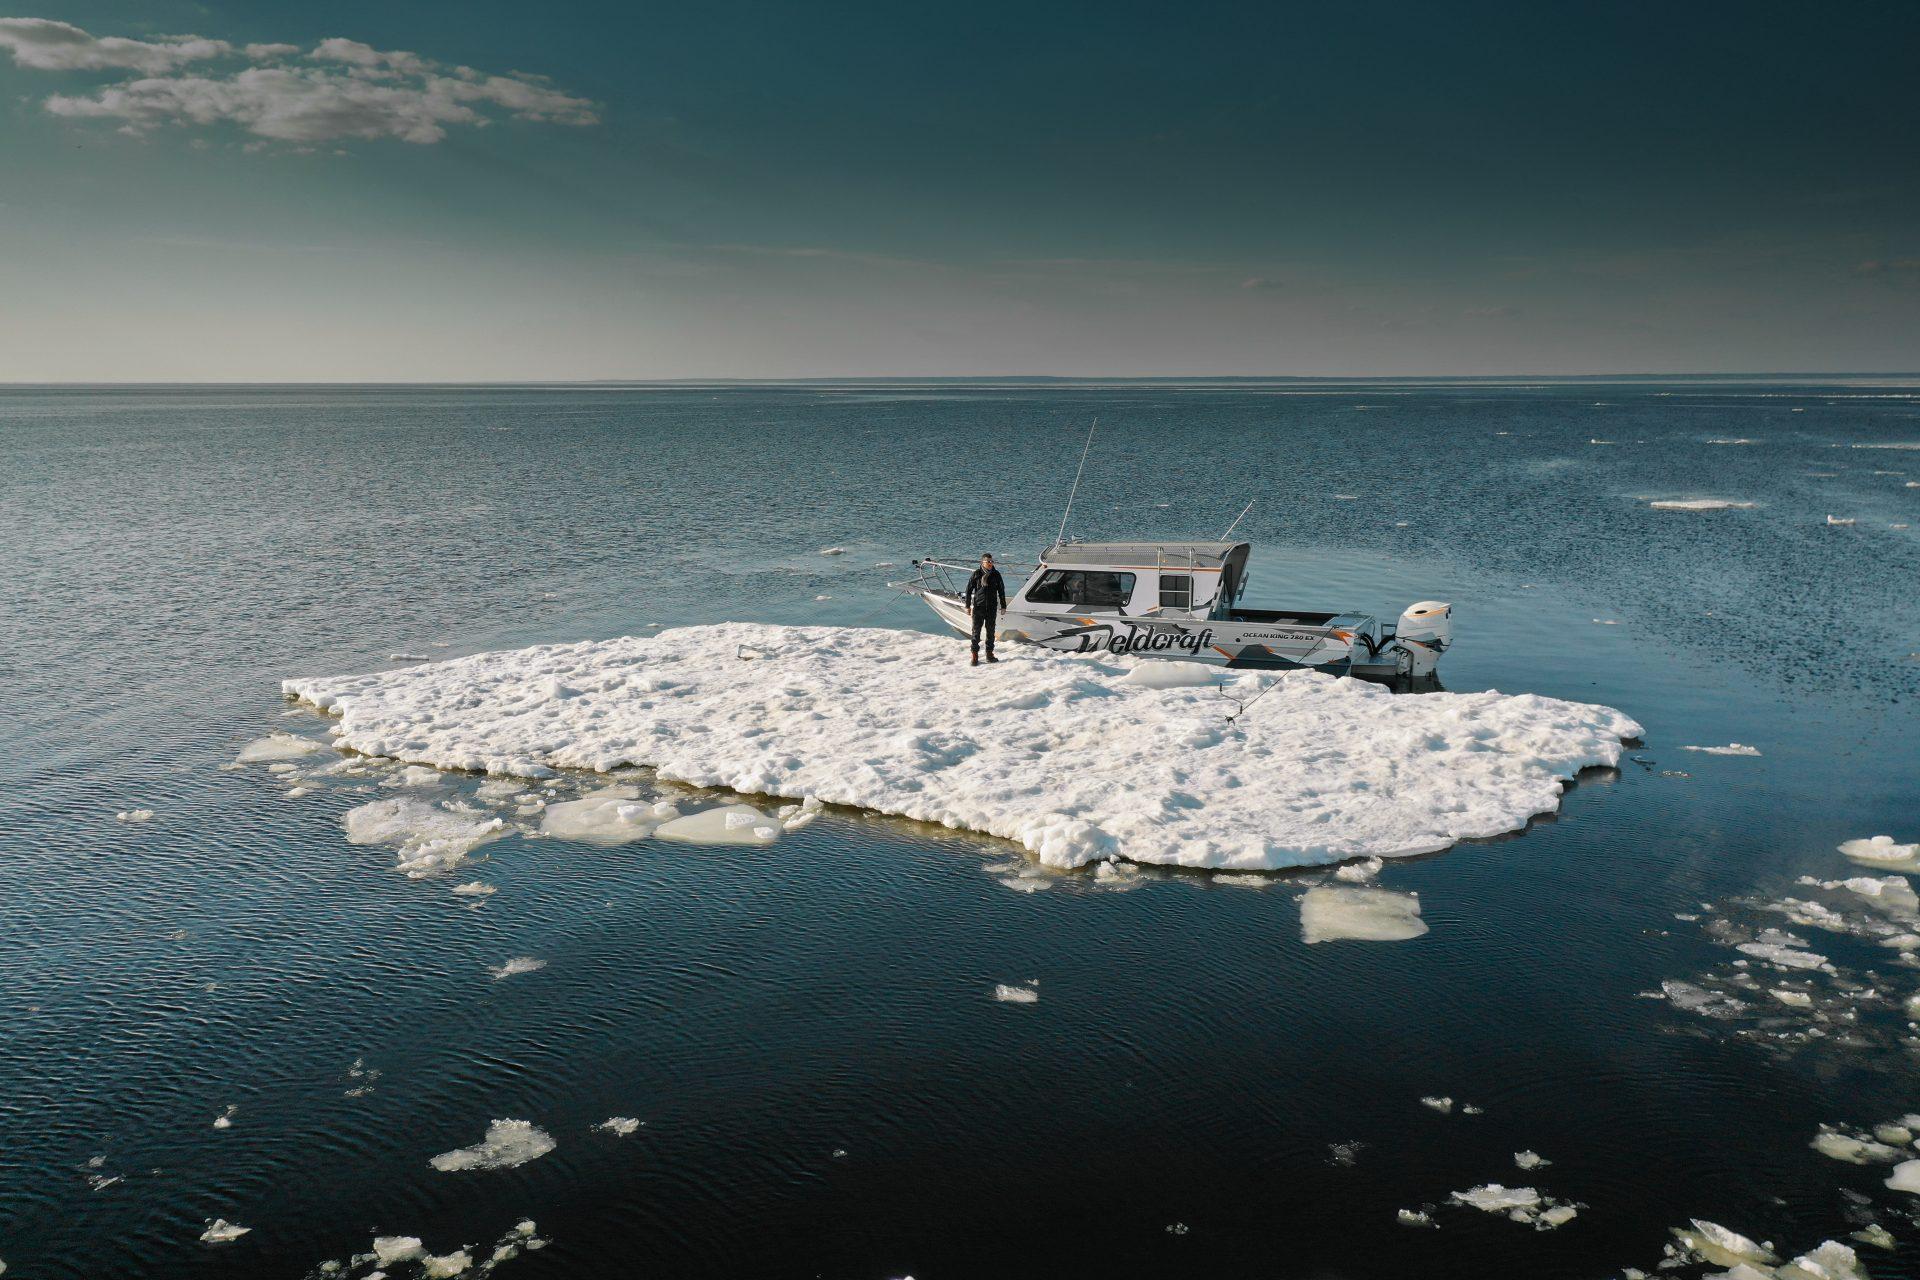 велдкрафт ocean king в водах балтики